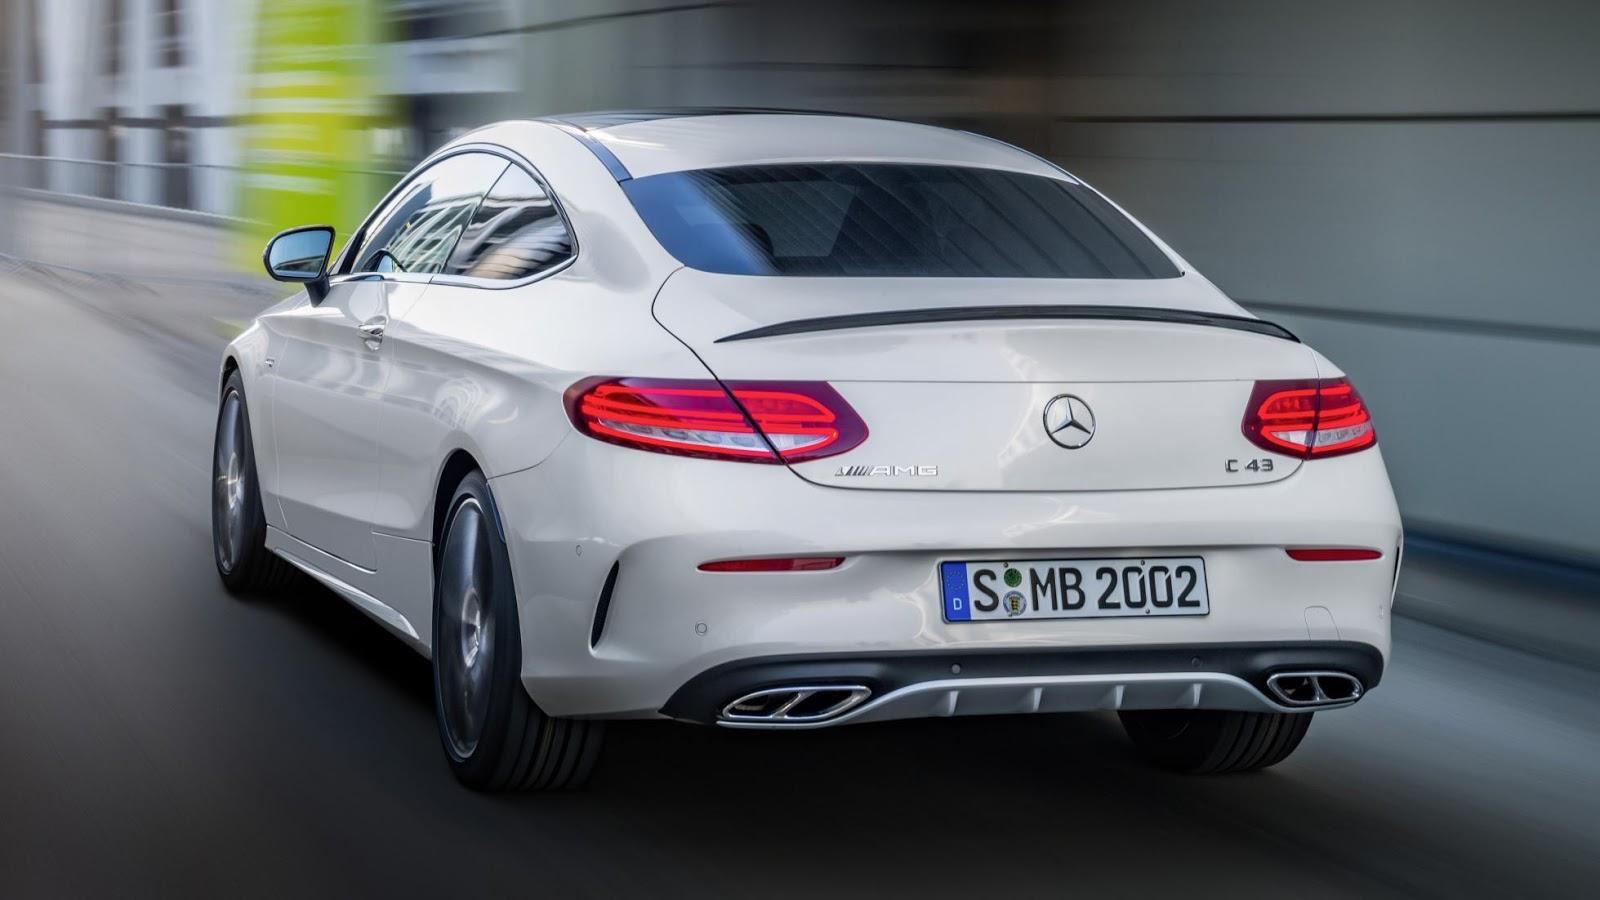 Phía sau của Mercedes AMG C43 Coupe 2017 rất ấn tượng với ống xả 4 lỗ